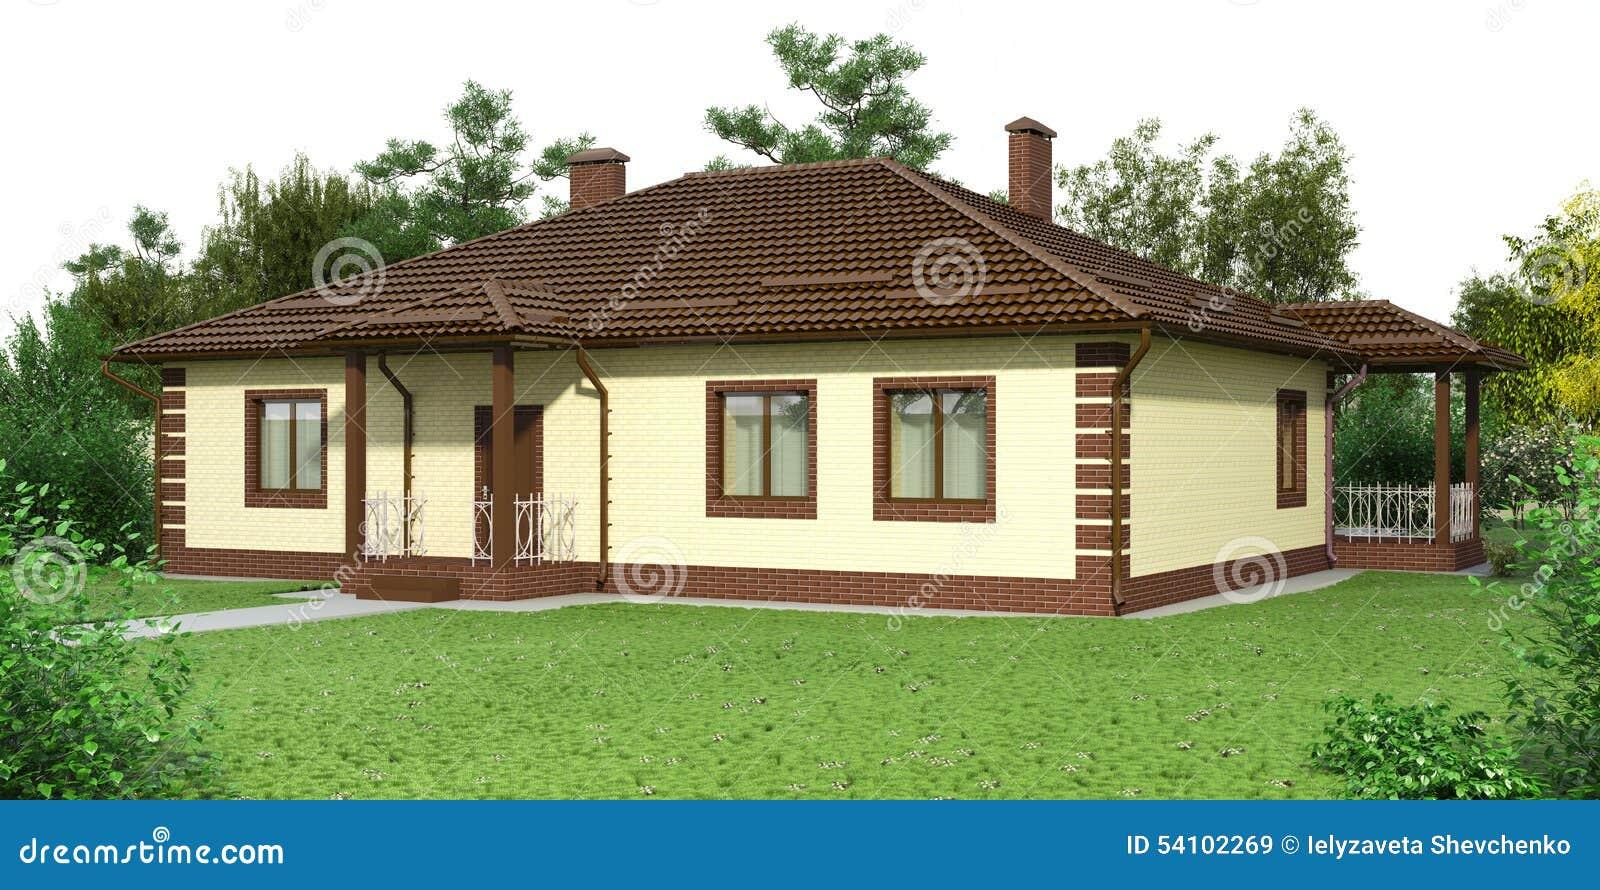 Casa con mattoni a vista con un giardino illustrazione di - Casa con giardino pisa ...